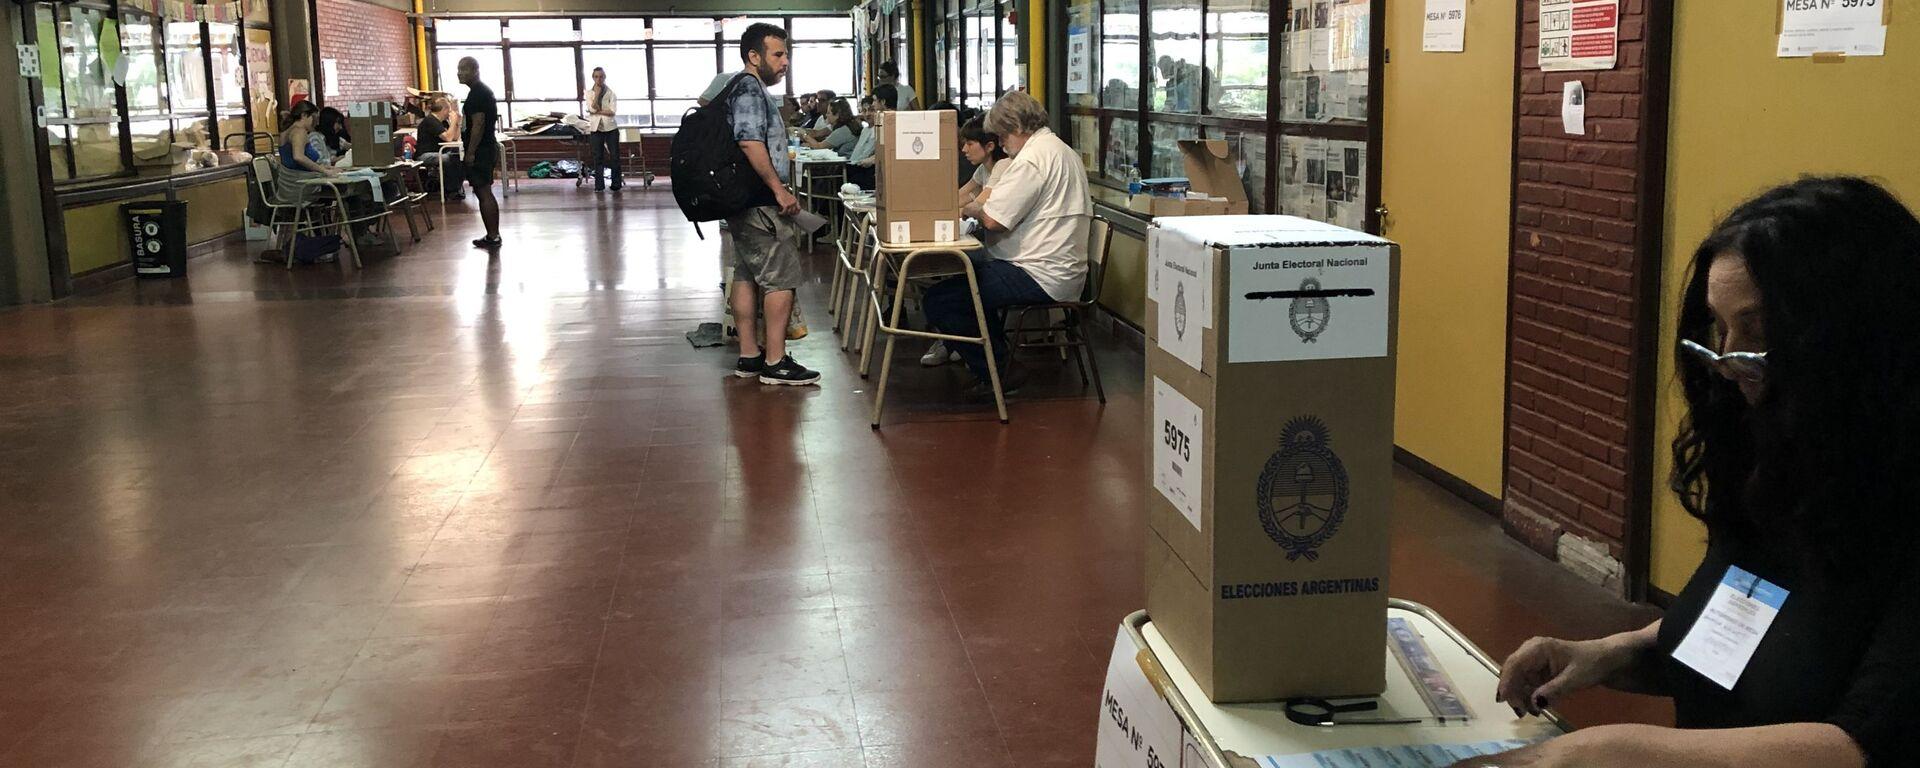 Las urnas de votación en Argentina - Sputnik Mundo, 1920, 08.09.2021